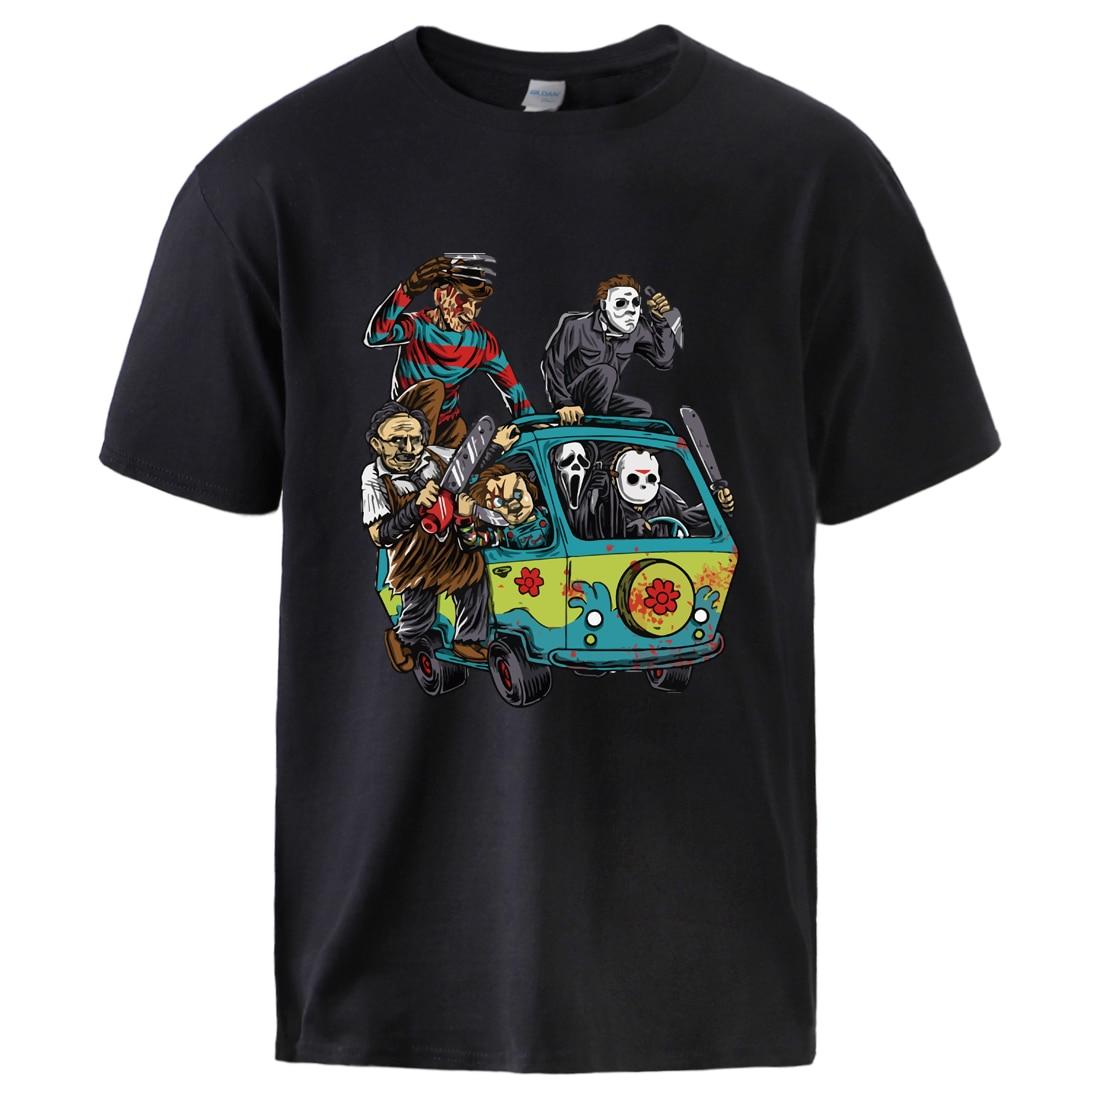 Maniac Park Horror Movie Man Summer Tshirts 2020 Male 100% Cotton T Shirt Top Theme Park Jason Clown Saw Halloween Sportswear